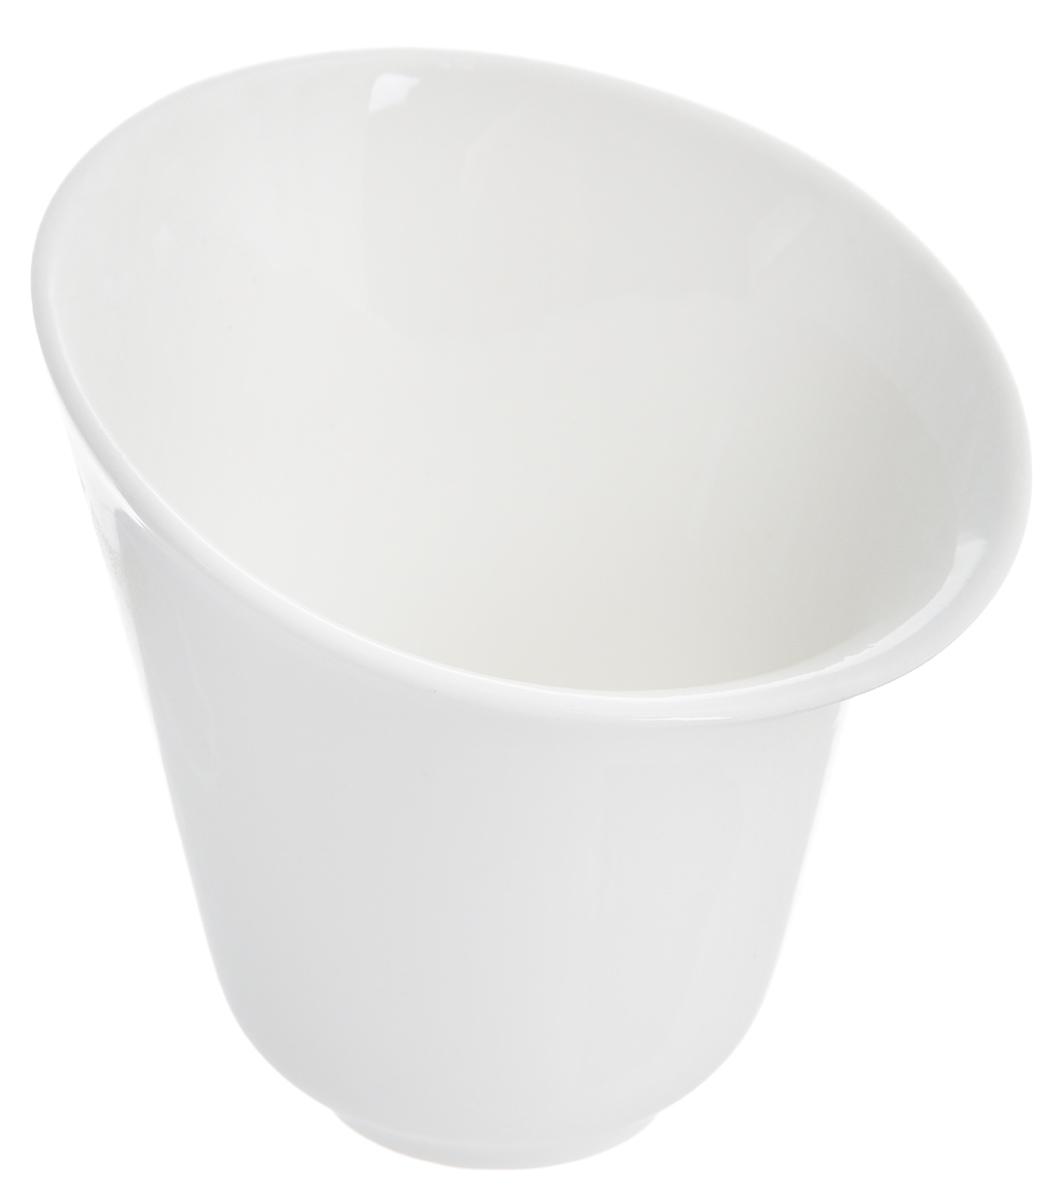 Салатник Deagourmet Soffio, 250 мл148Оригинальный салатник Deagourmet Soffio, изготовленный из высококачественного фарфора, сочетает в себе изысканный дизайн с максимальной функциональностью. Он идеально подходит для сервировки стола и подачи закусок, солений и других блюд. Такой салатник прекрасно впишется в интерьер вашей кухни и станет достойным подарком к любому празднику.